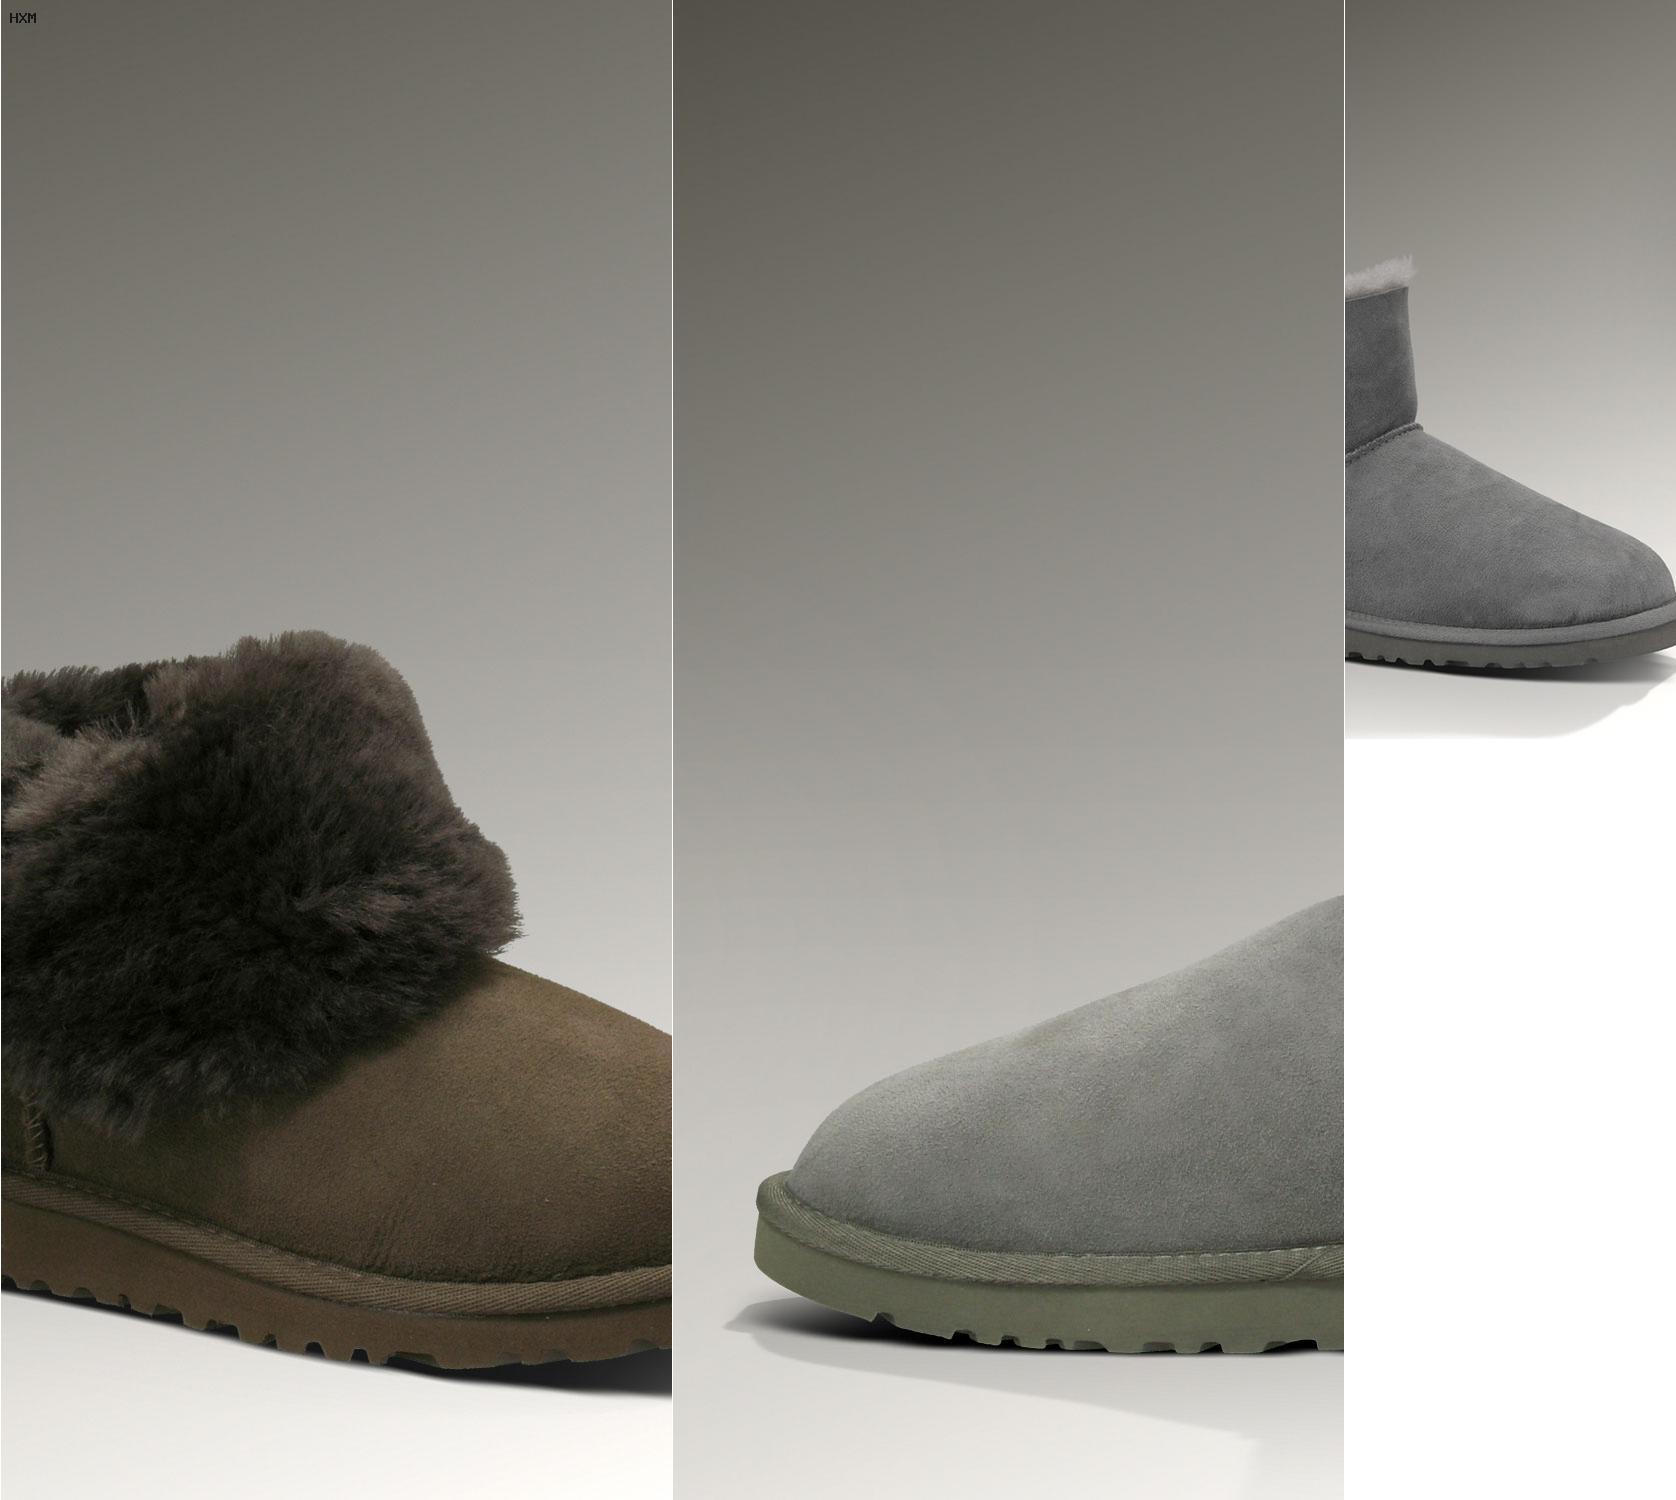 las botas ugg son para hombre